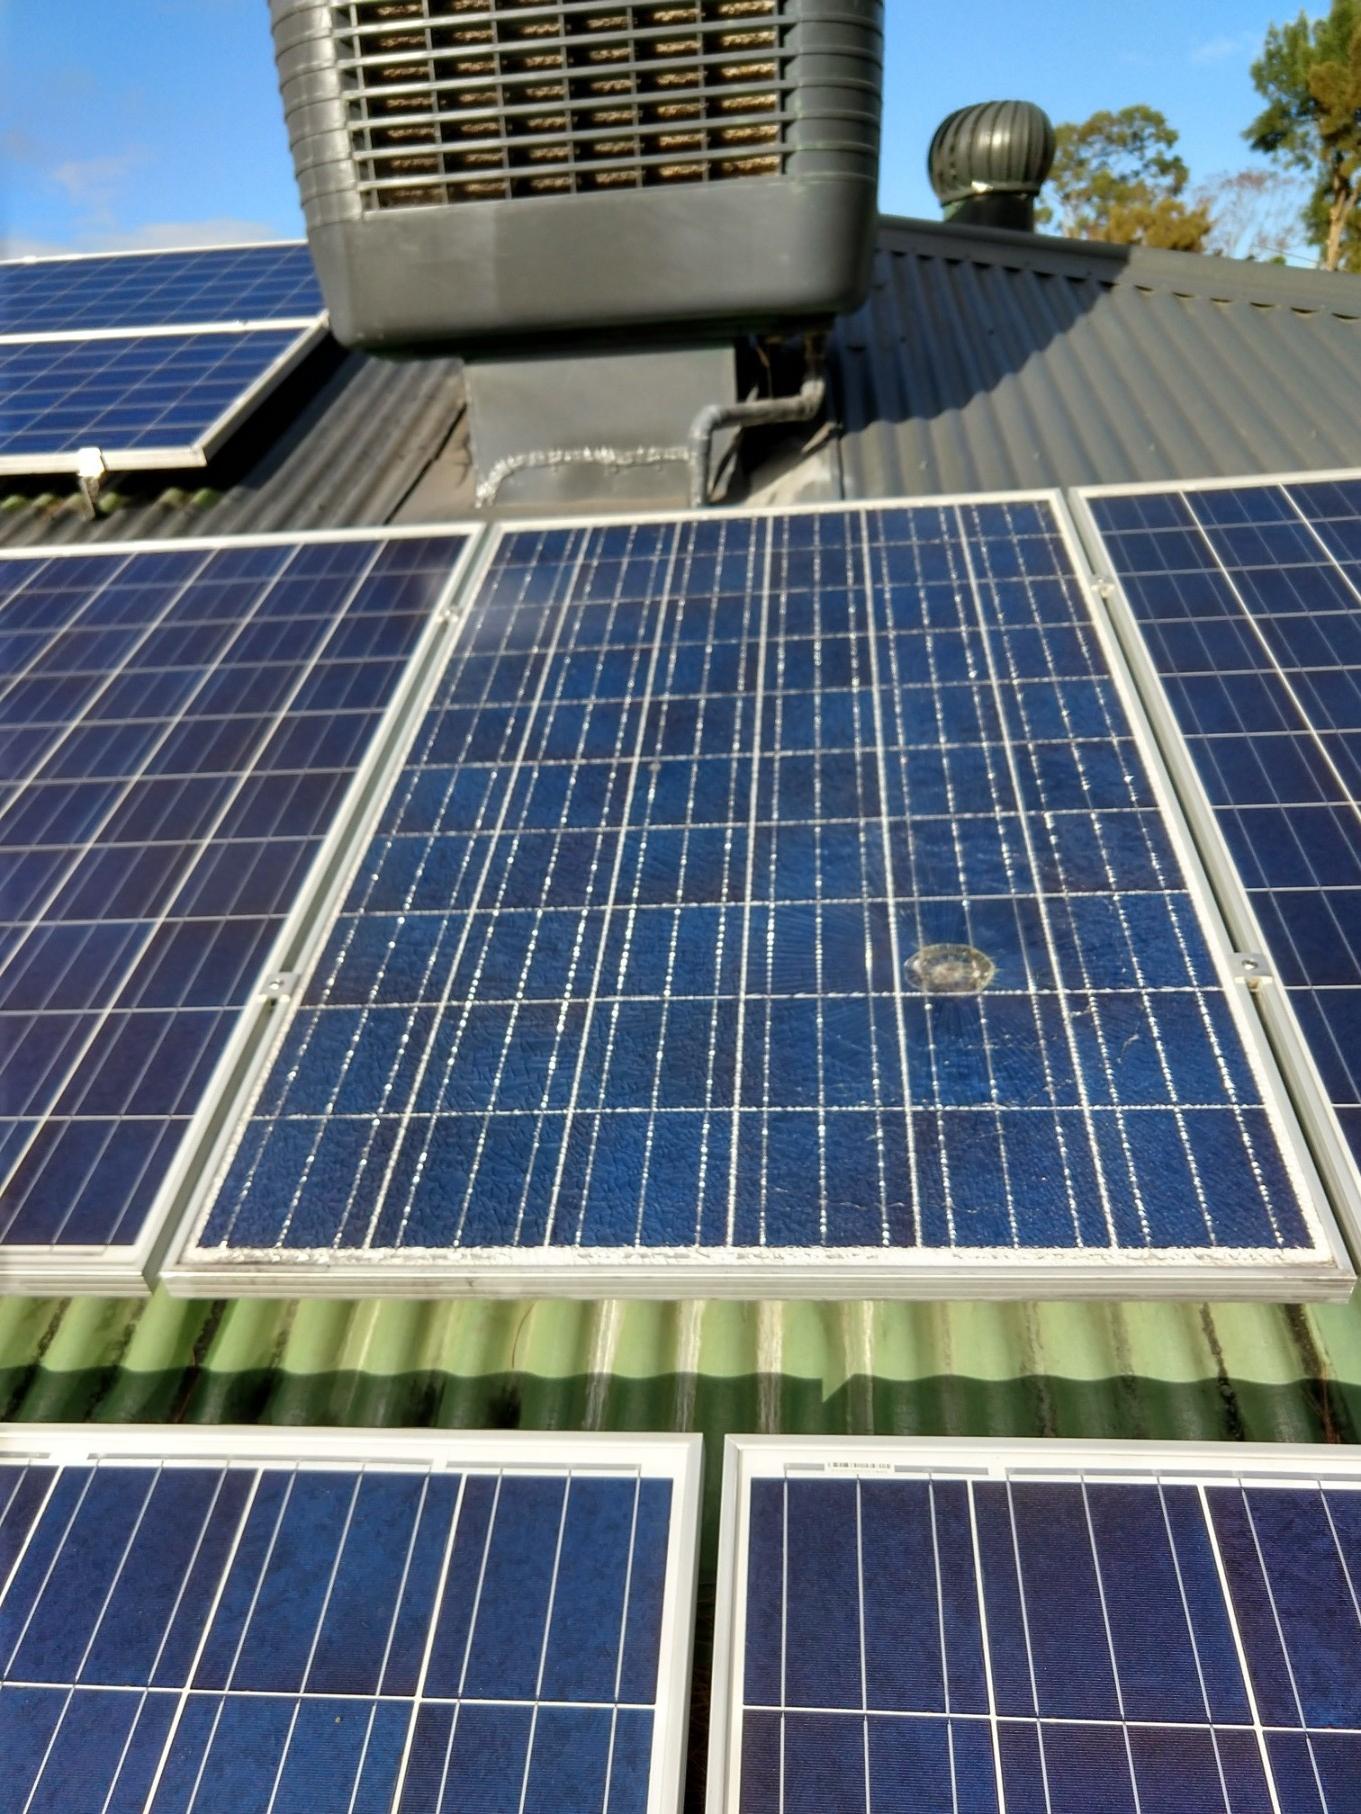 Smashed Solar Panel